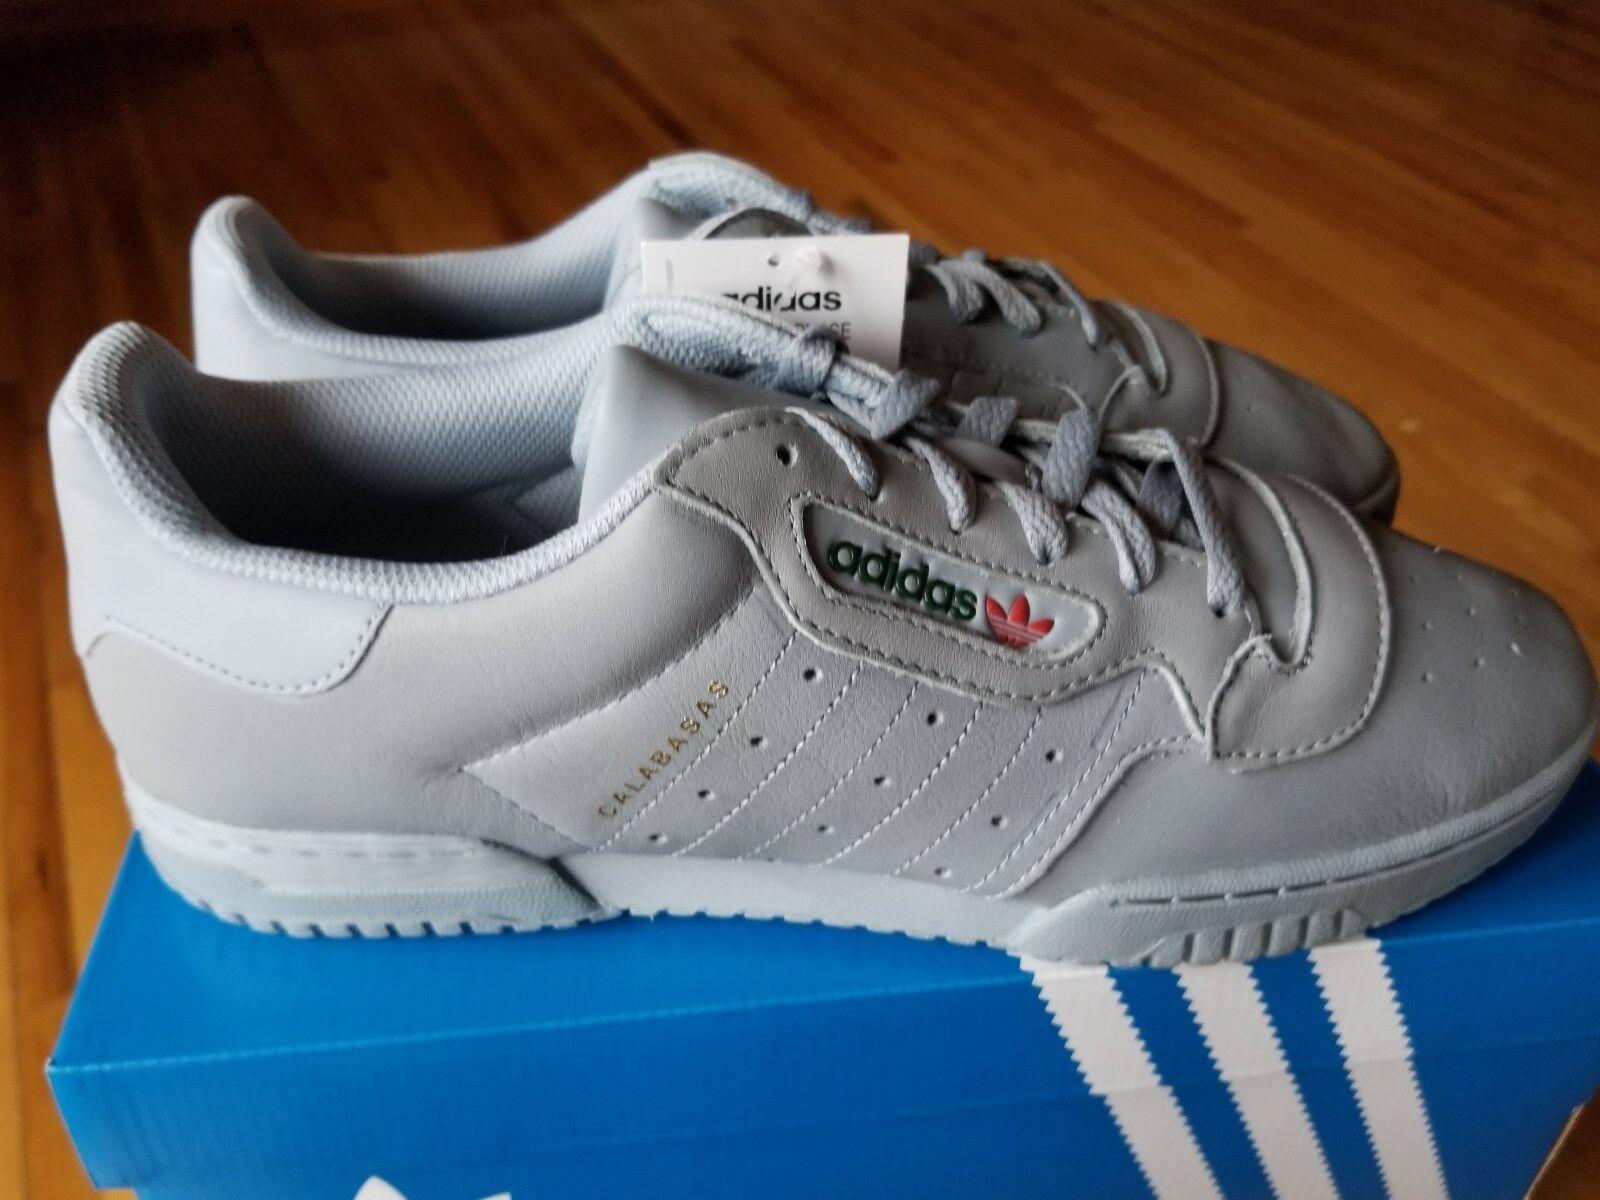 Adidas Yeezy Powerphase Calabasas Grigio CG6422 Nuovo Nella Scatola